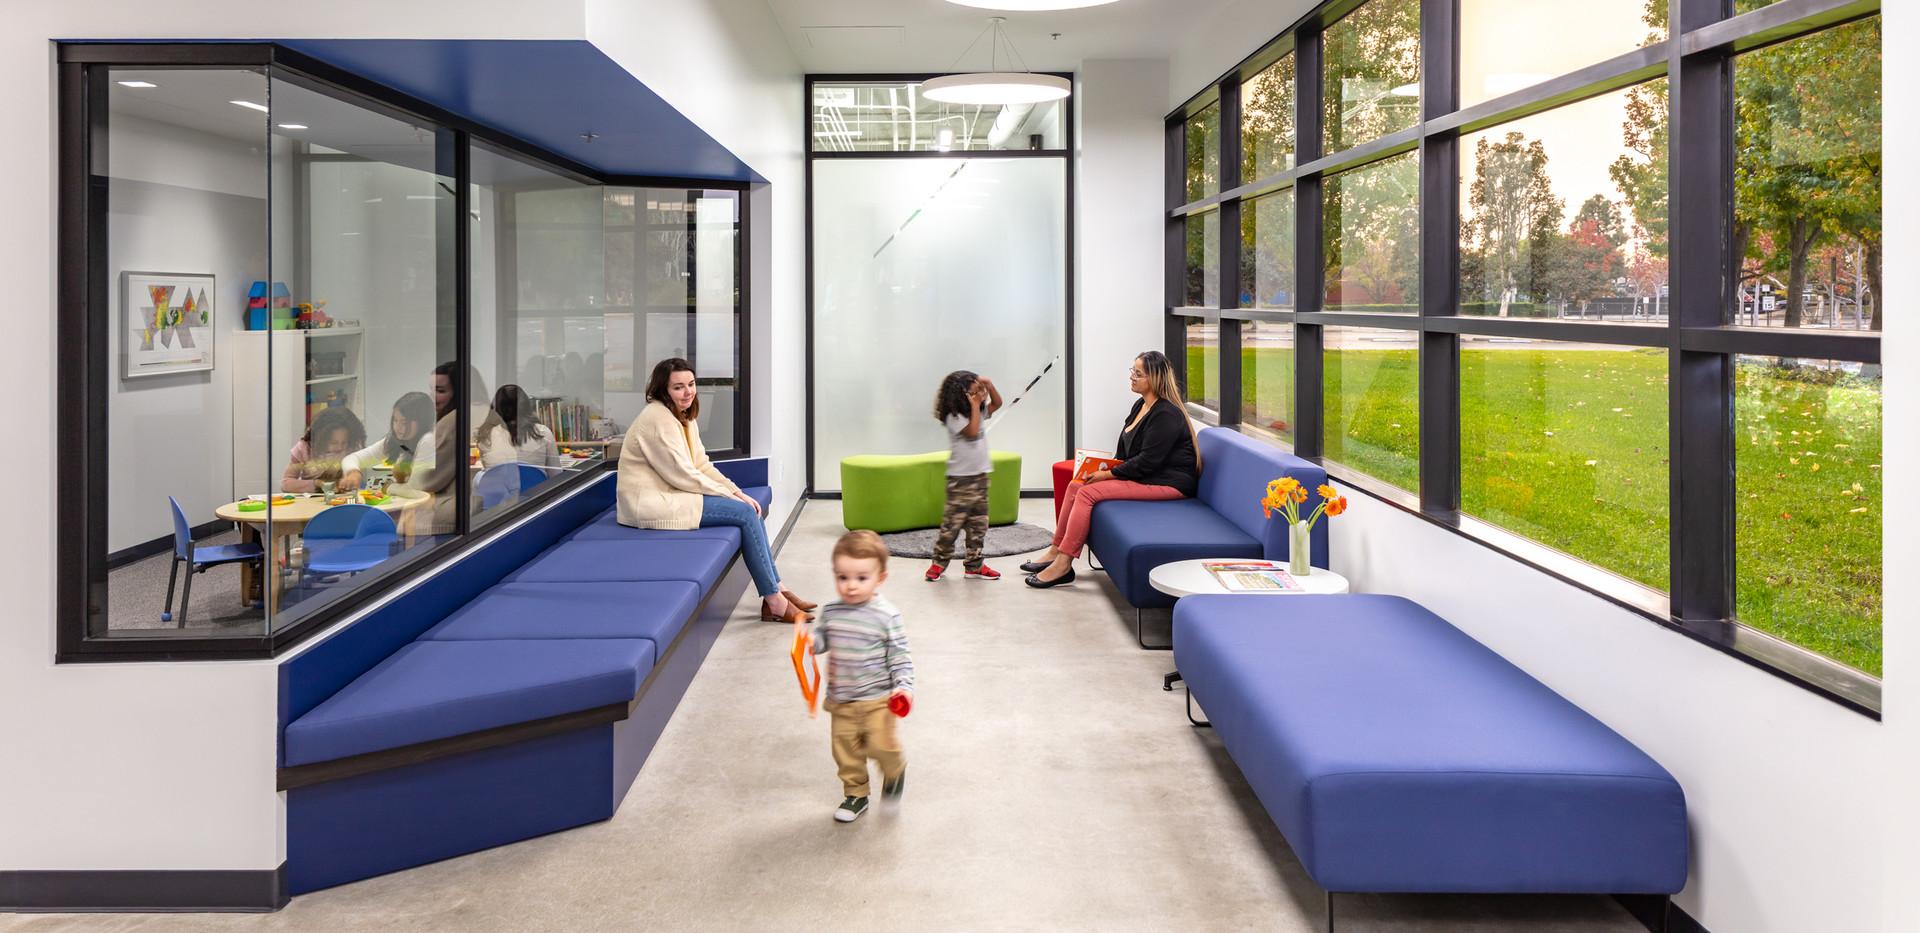 Children's Institute